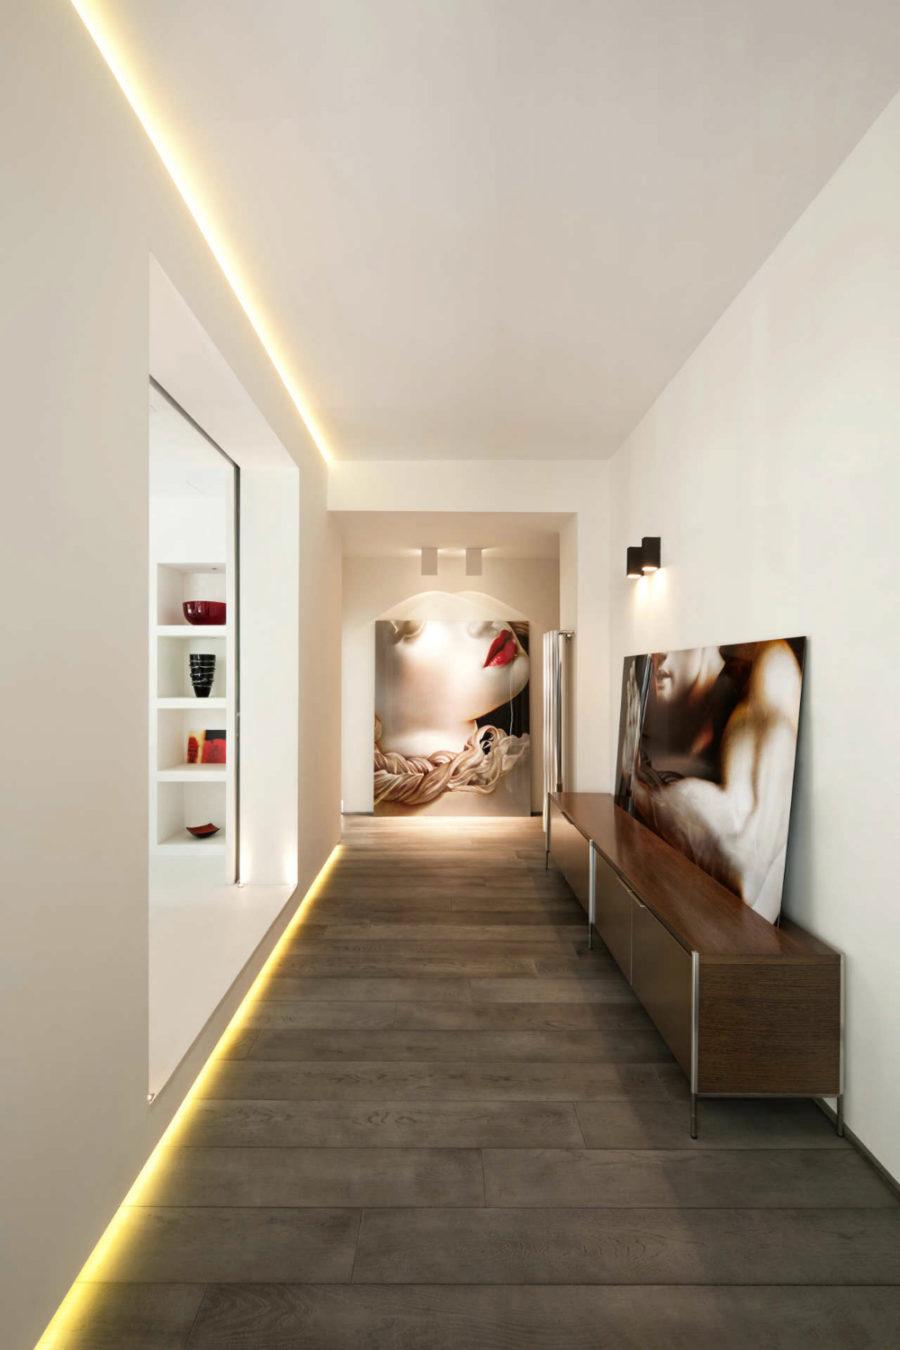 Interior design by Carola Vannini